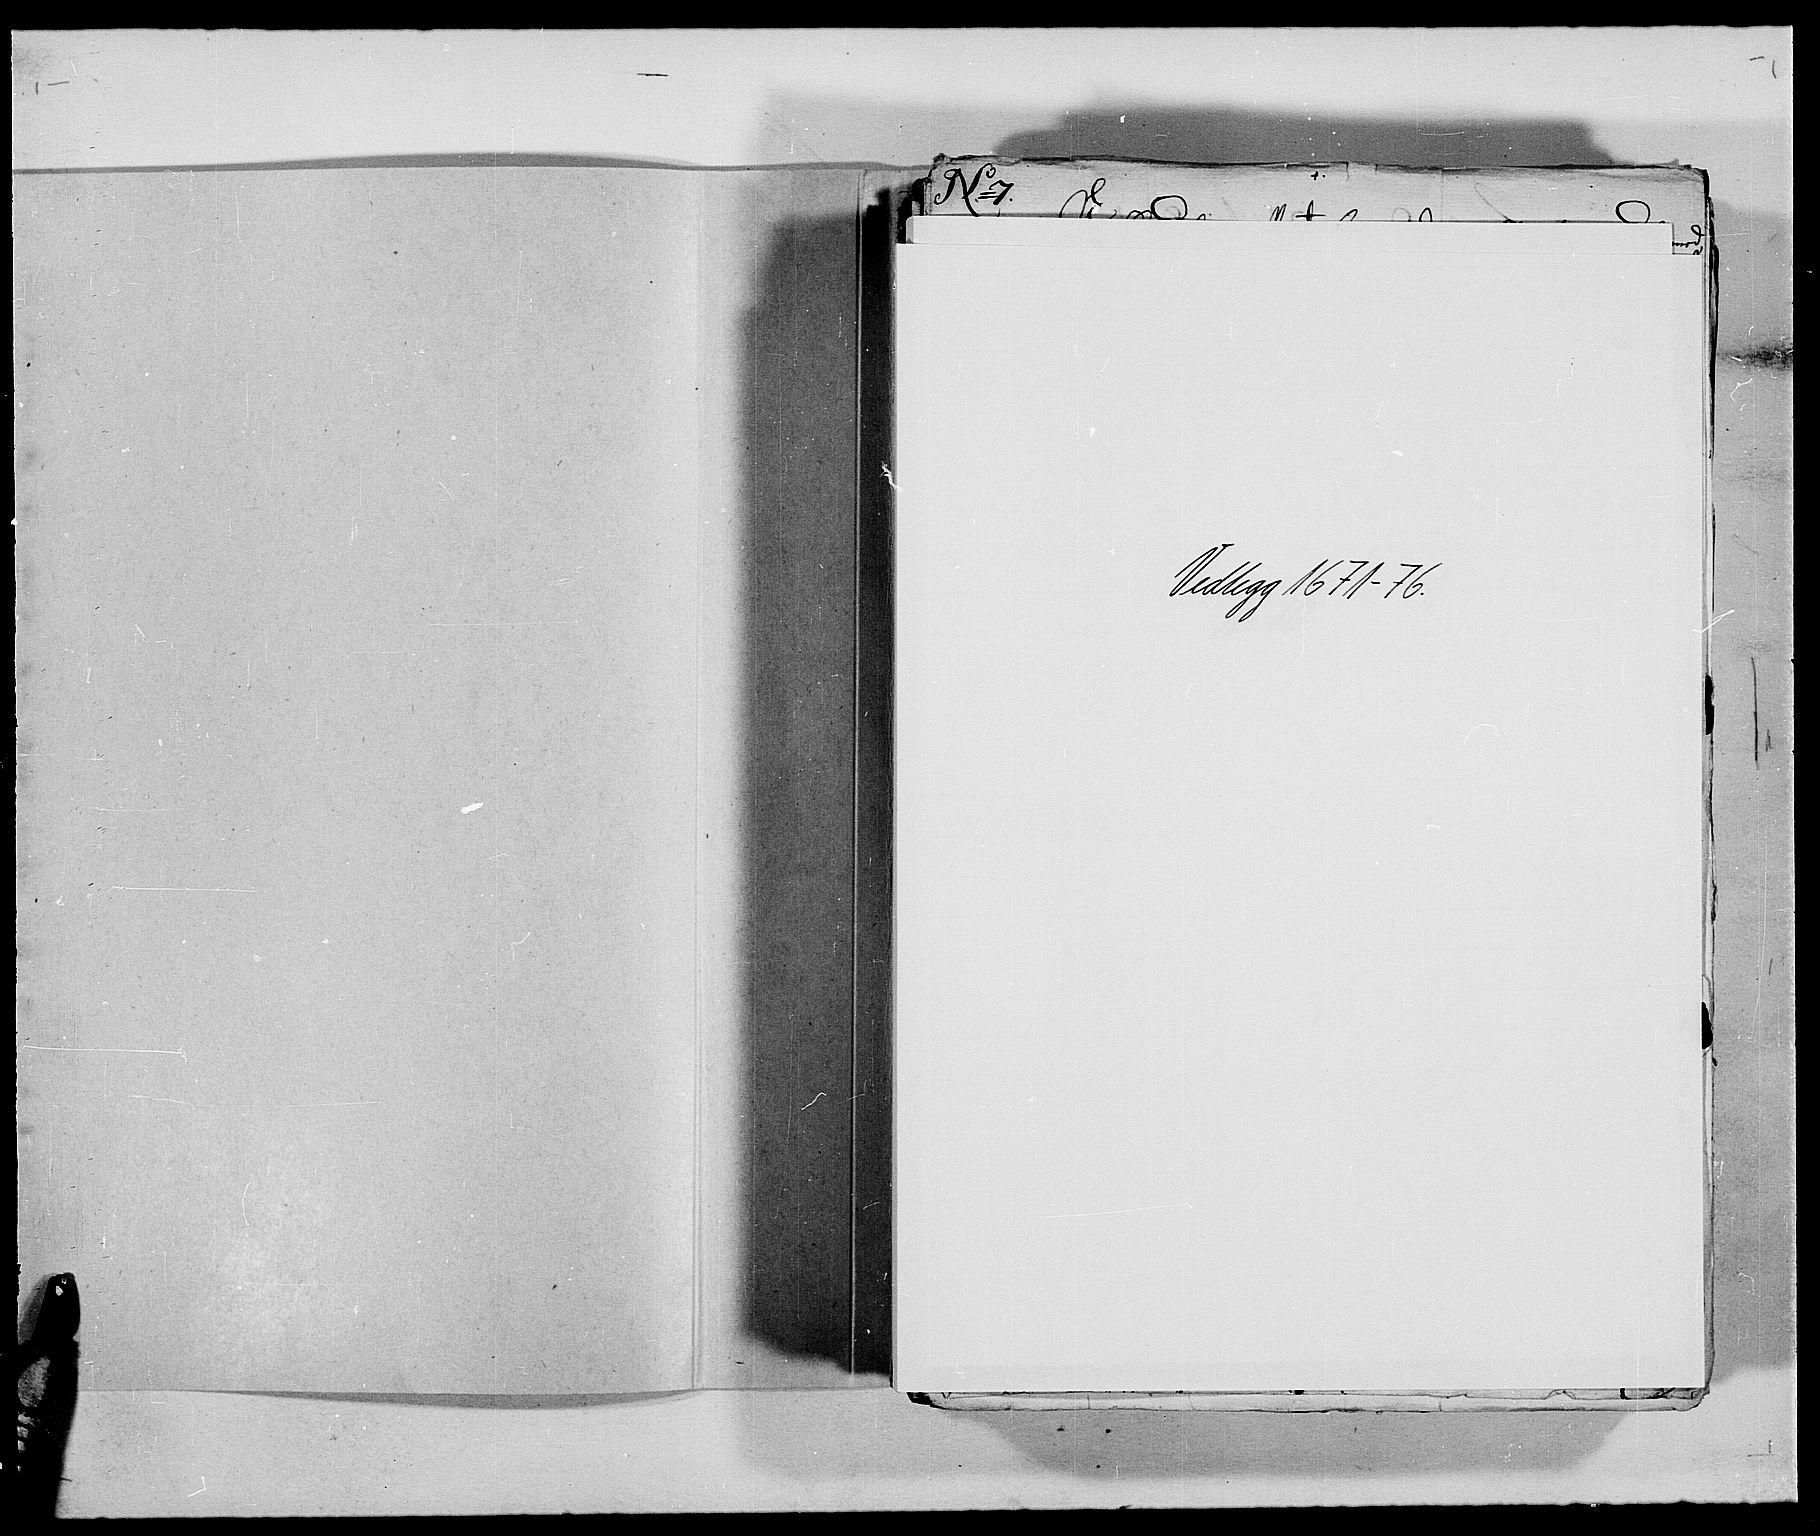 RA, Rentekammeret inntil 1814, Reviderte regnskaper, Fogderegnskap, R47/L2851: Fogderegnskap Ryfylke, 1680, s. 114